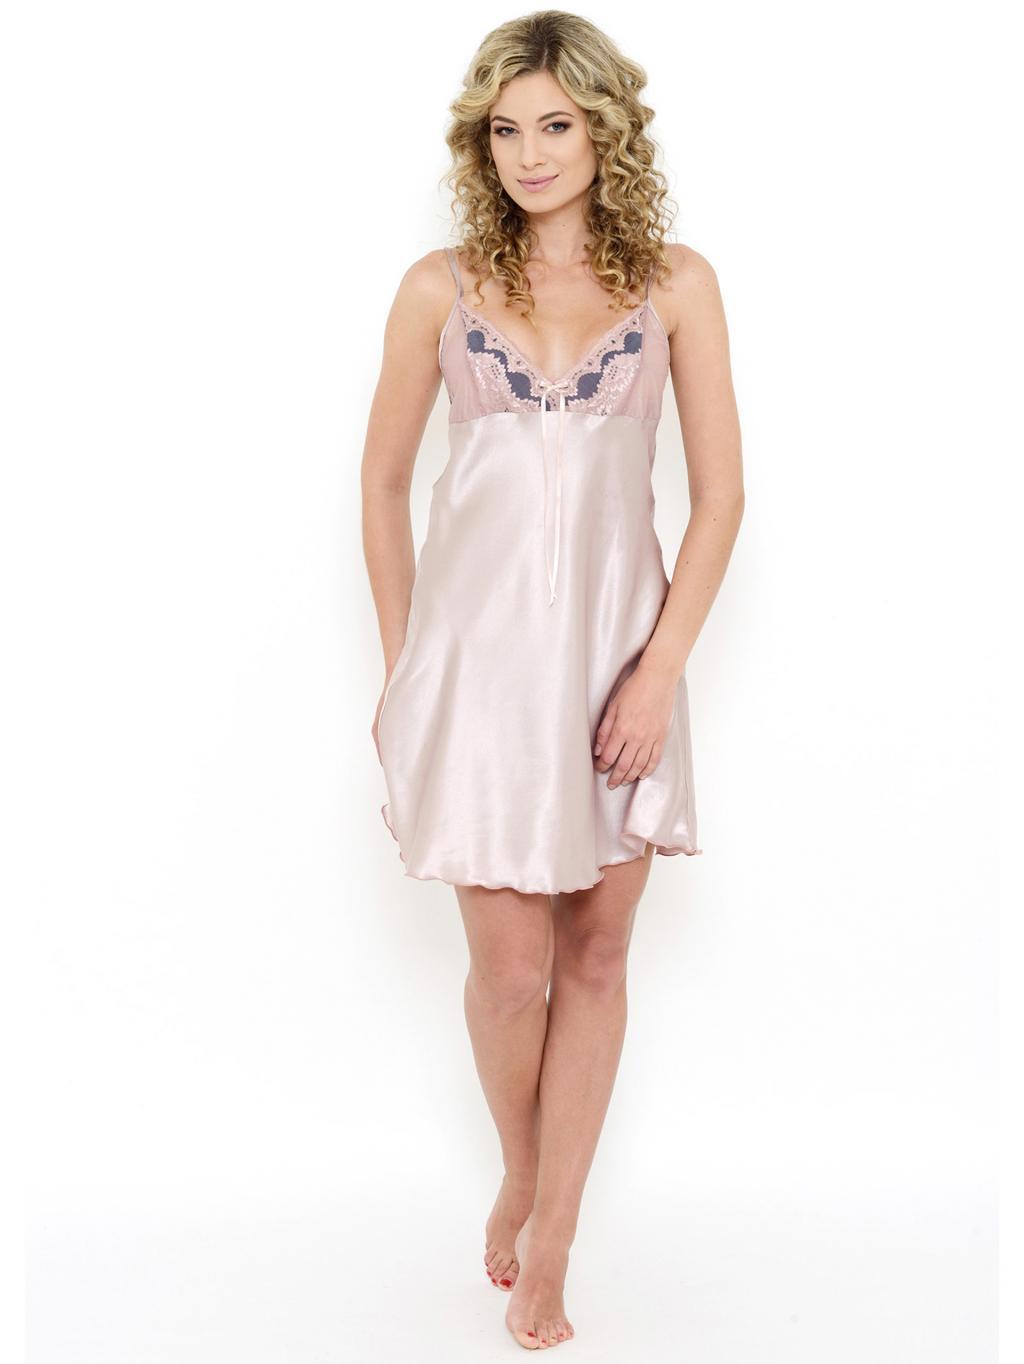 Mabel - noční košilka Follia satén    noční prádlo    dámské noční ... 4c612ffb12